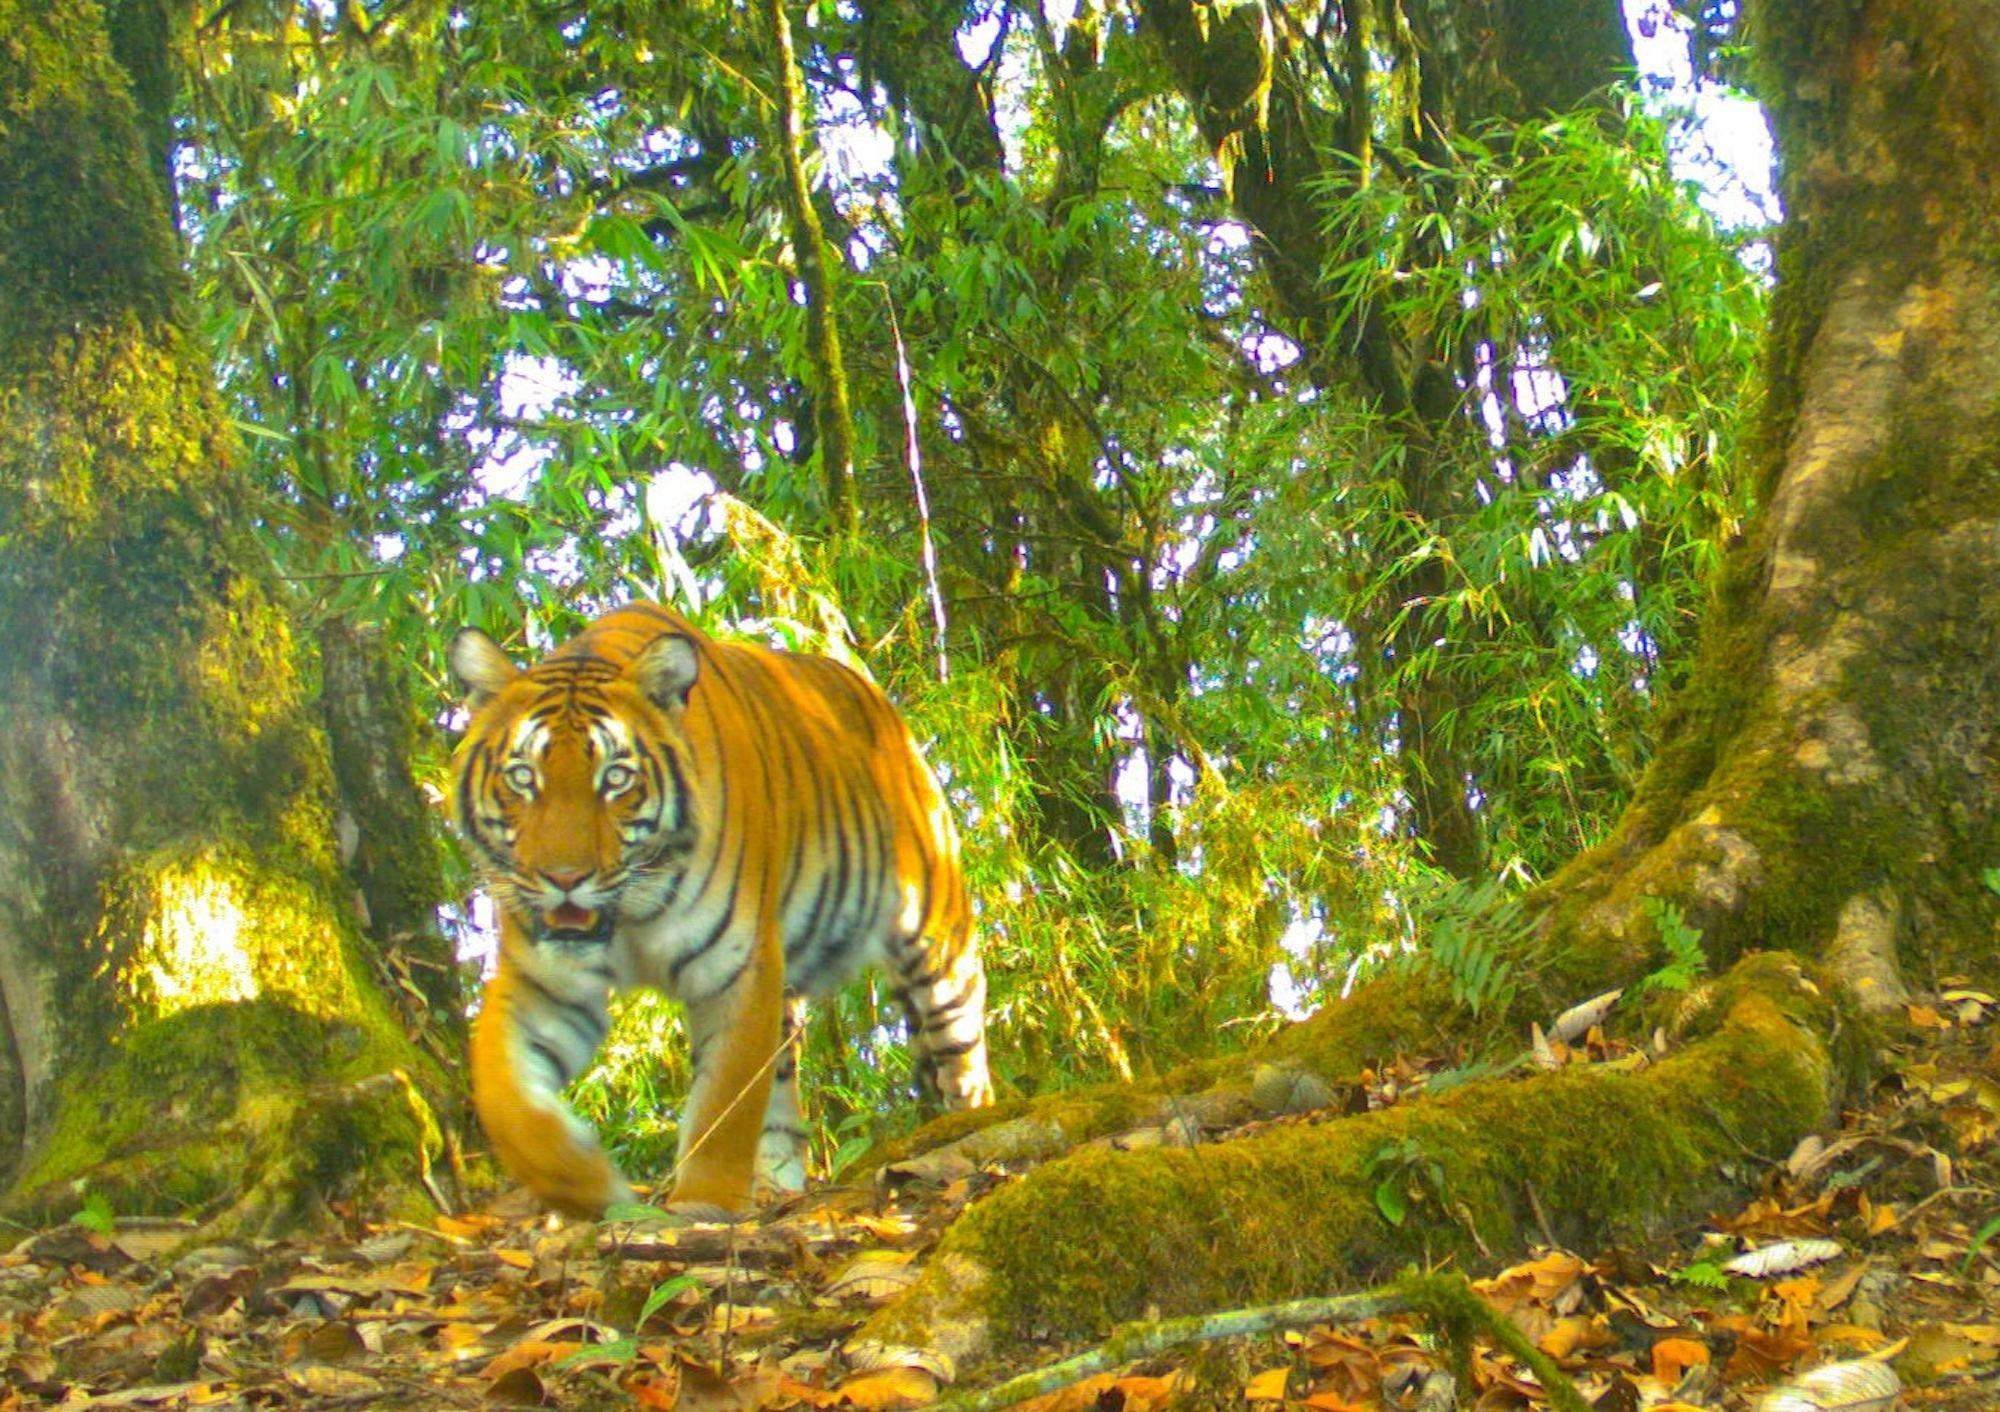 1910 और 2010 के बीच दुनिया में बाघों की आबादी 97 प्रतिशत घटी है और एक लाख से कम होकर लगभग 3500 पर पहुँच गई थी.